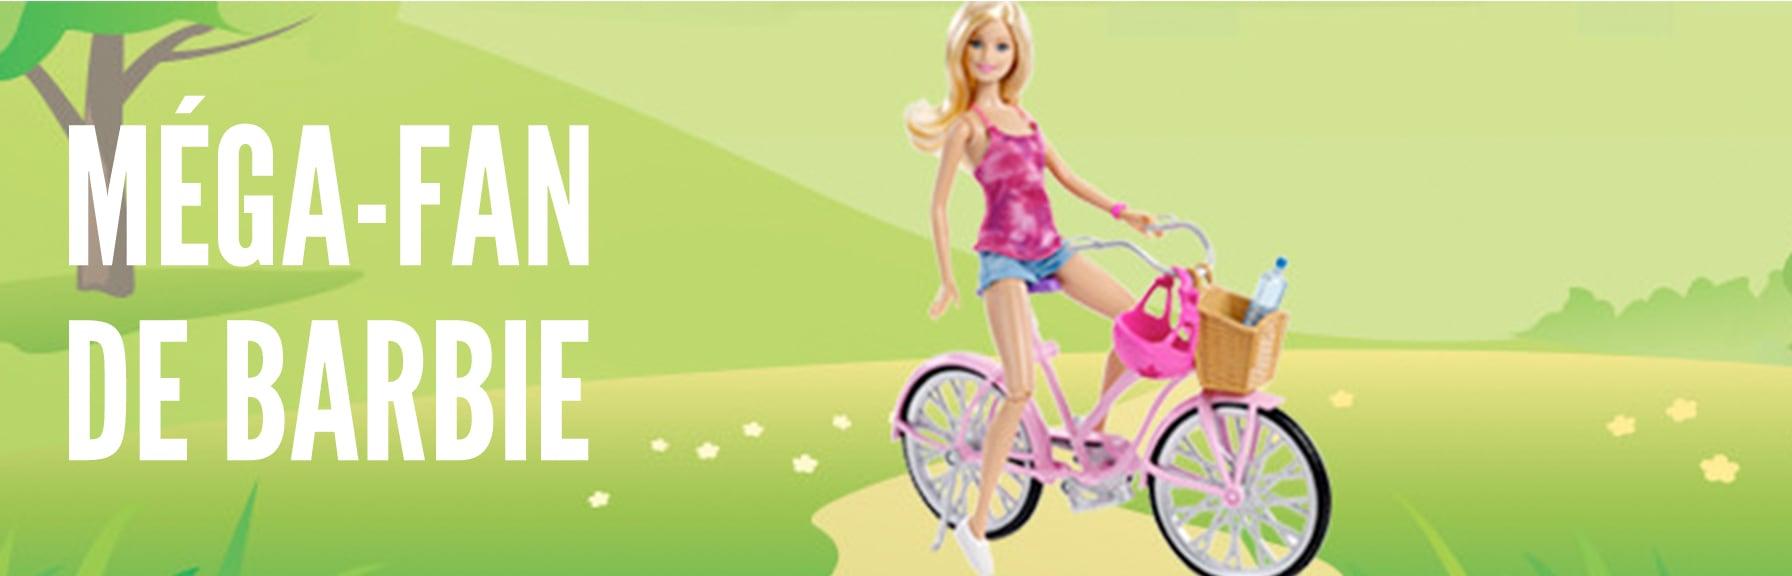 Dans Entre Le Barbie De Monde Merveilleux oderxCQBW